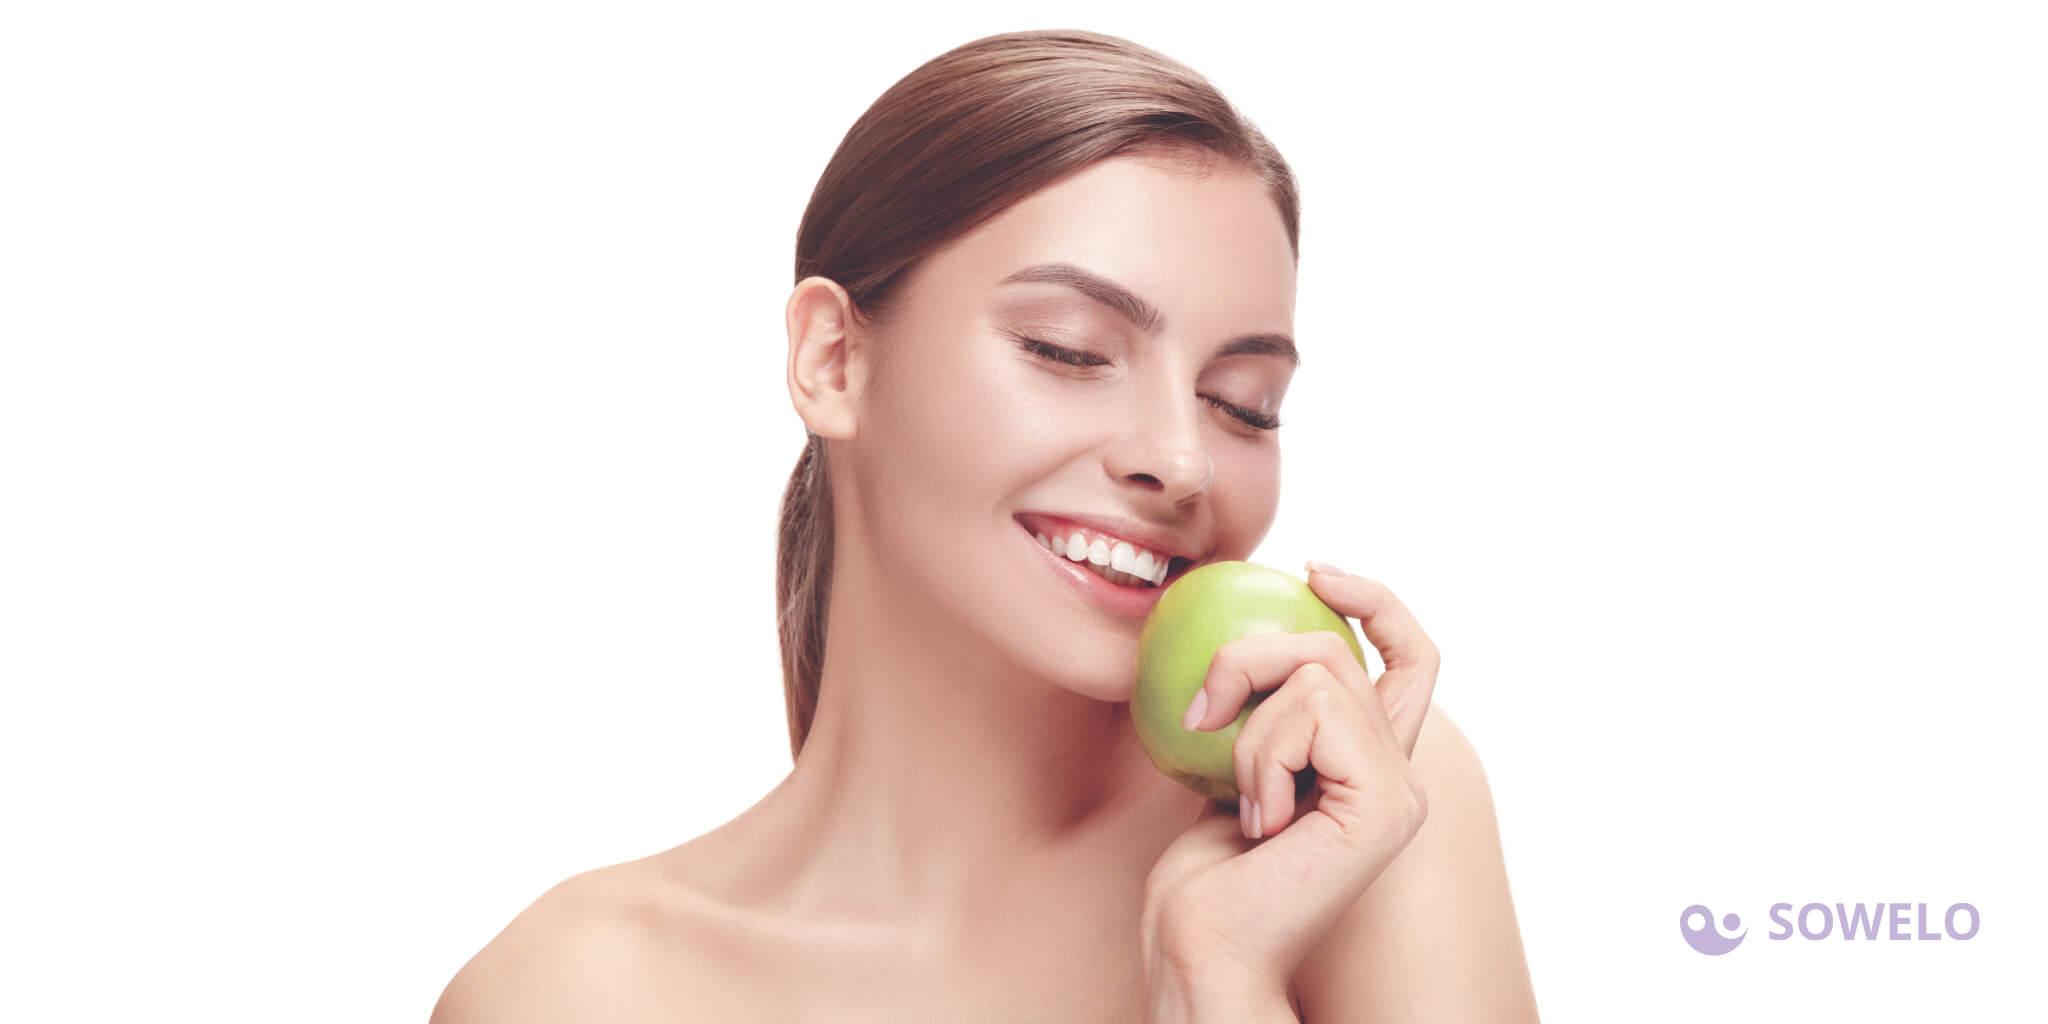 Zobne luske oziroma veneerji dosegajo sam vrh na področju zobne estetike. Prednosti zobnih lusk so v tem, da so močne in trpežne, so gladke, njihova prosojna površina pa daje občutek naravnega videza, poleg vsega tega pa so odporne tudi na madeže.